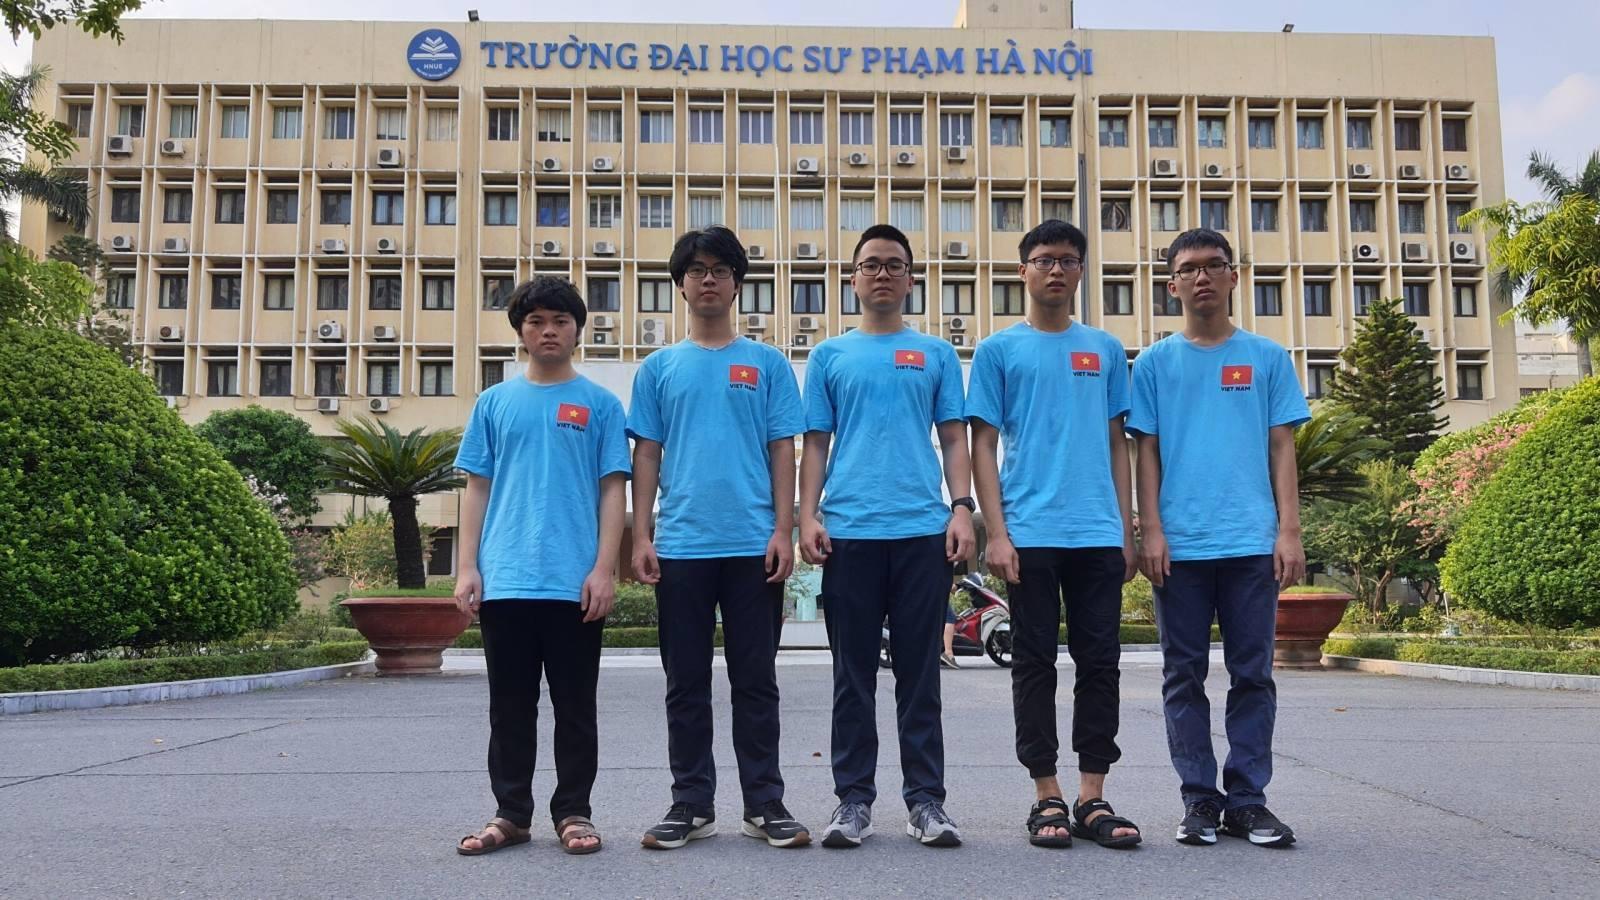 Hà Nội khen thưởng học sinh đoạt Huy chương Vàng kỳ thi quốc tế